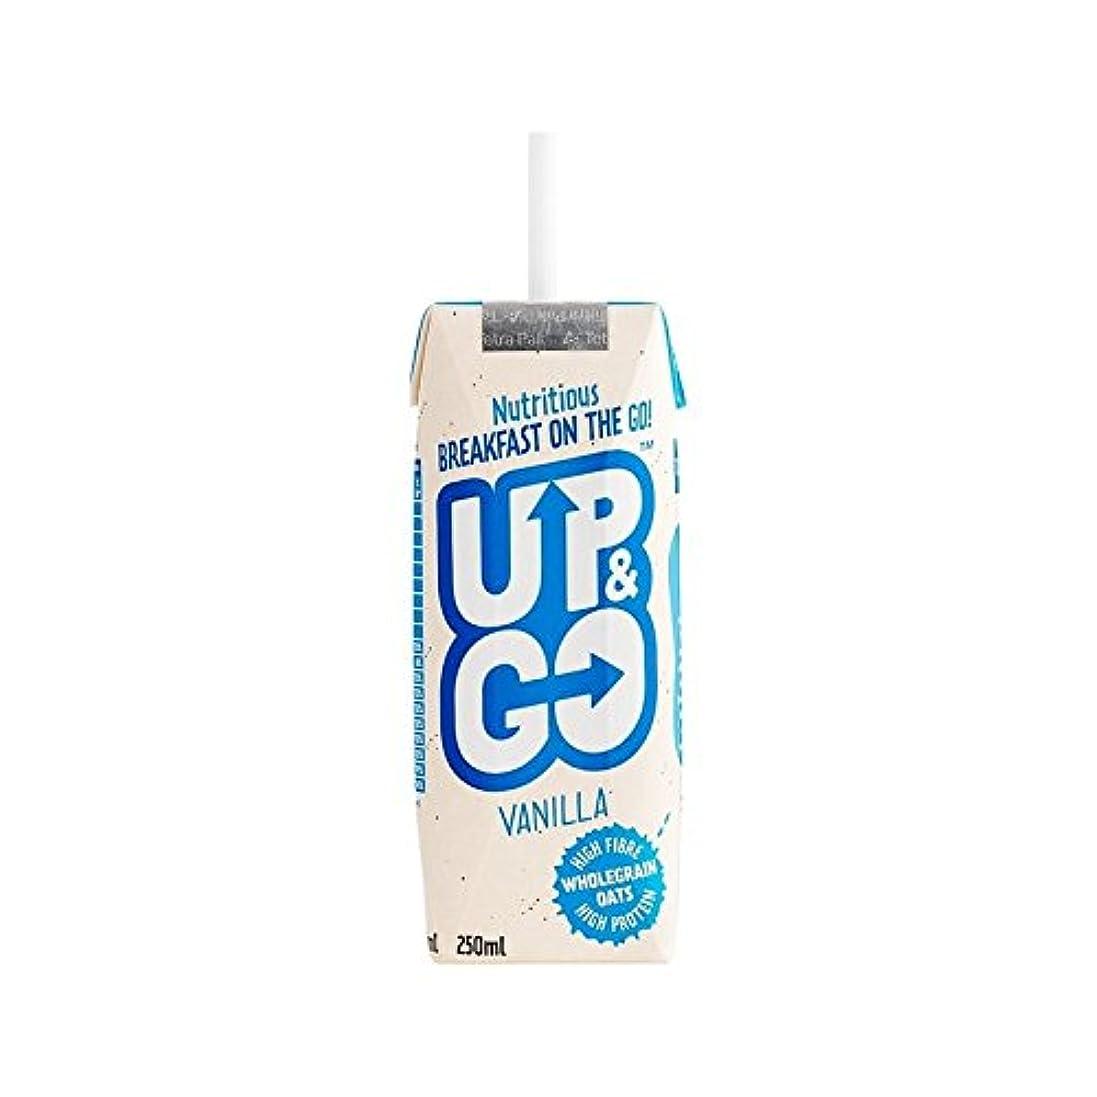 泥クリップ蝶アルコールオート麦の250ミリリットルとバニラ朝食ドリンク (Up&Go) (x 2) - Up&Go Vanilla Breakfast Drink with Oats 250ml (Pack of 2) [並行輸入品]